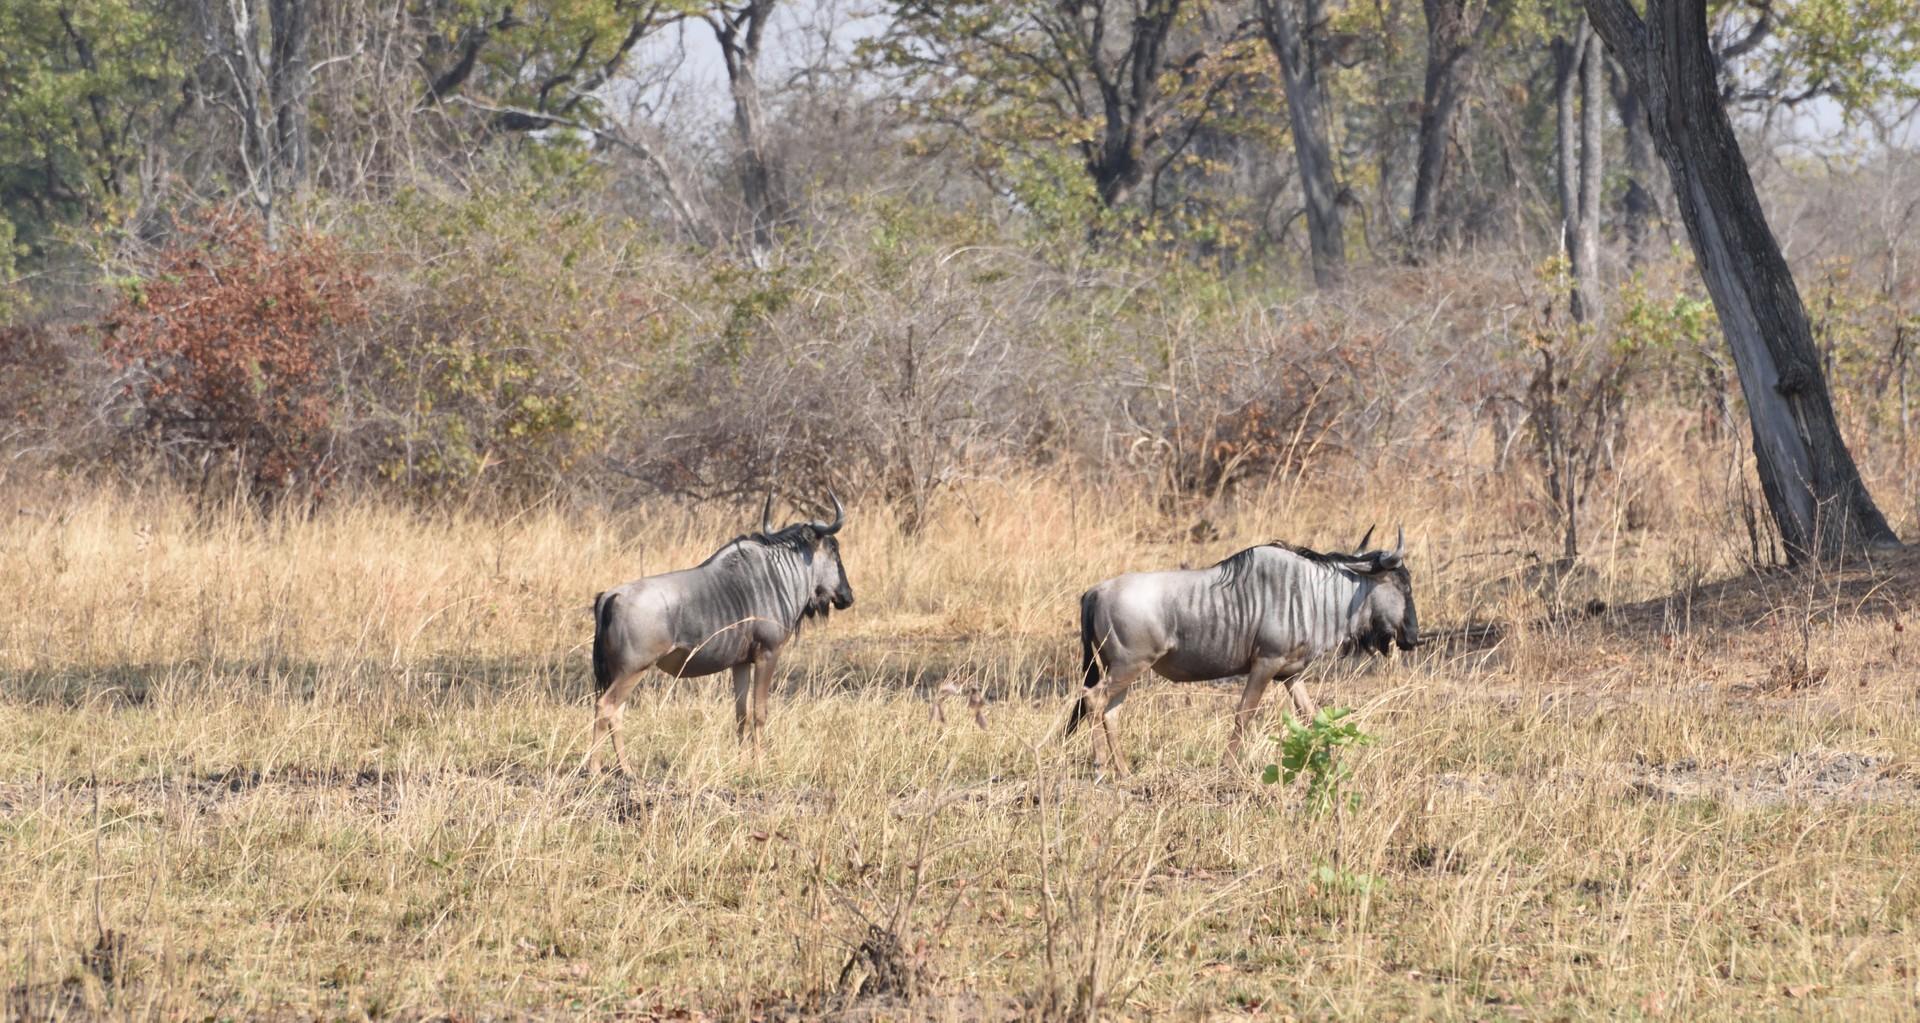 Wildlife of Zambia: Cookson's wildebeest